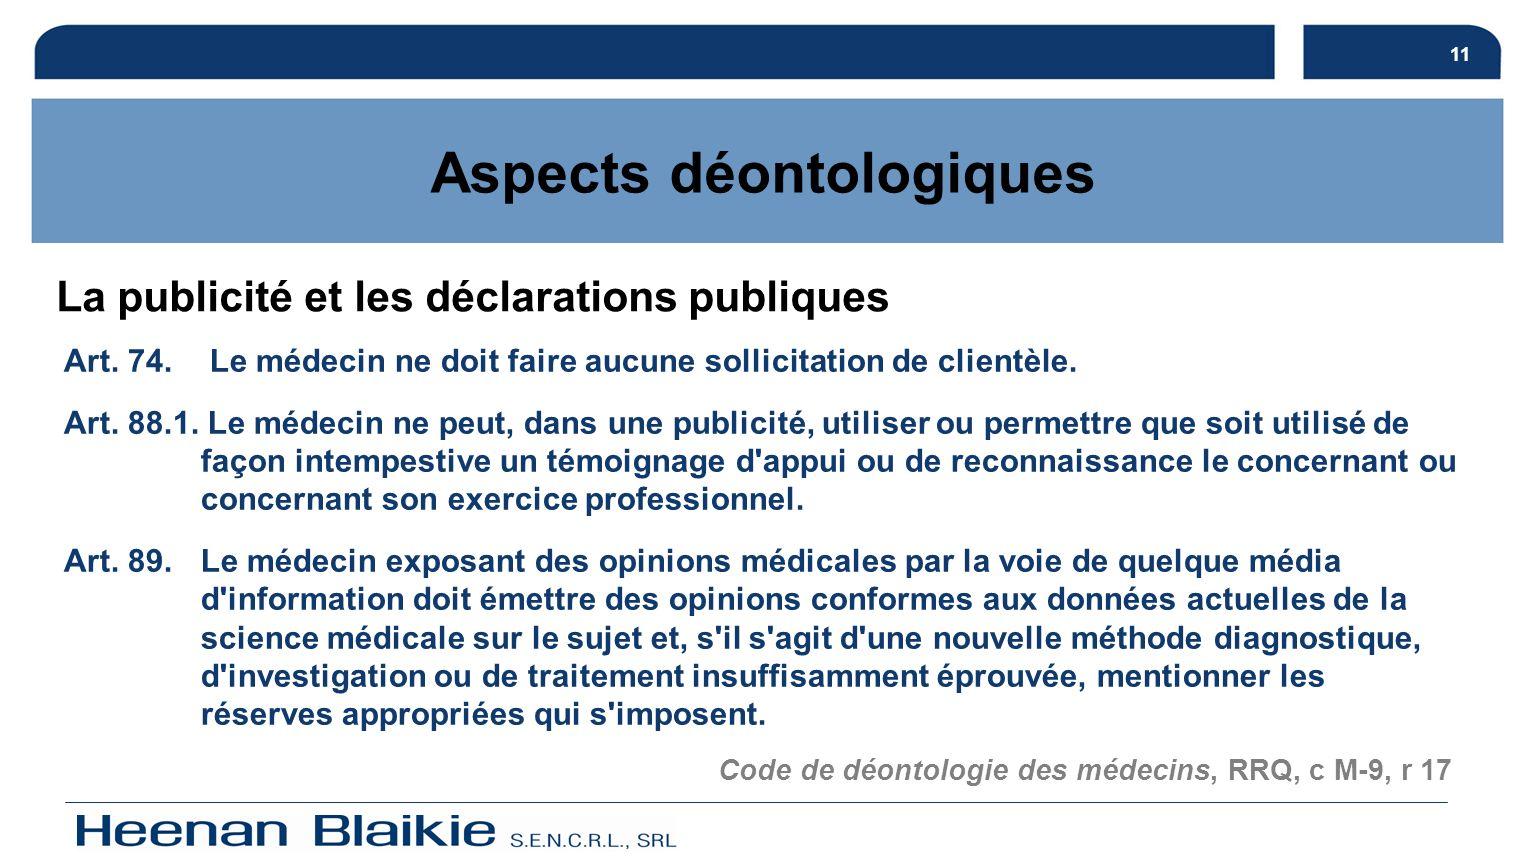 11 Aspects déontologiques La publicité et les déclarations publiques Art. 74. Le médecin ne doit faire aucune sollicitation de clientèle. Art. 88.1. L